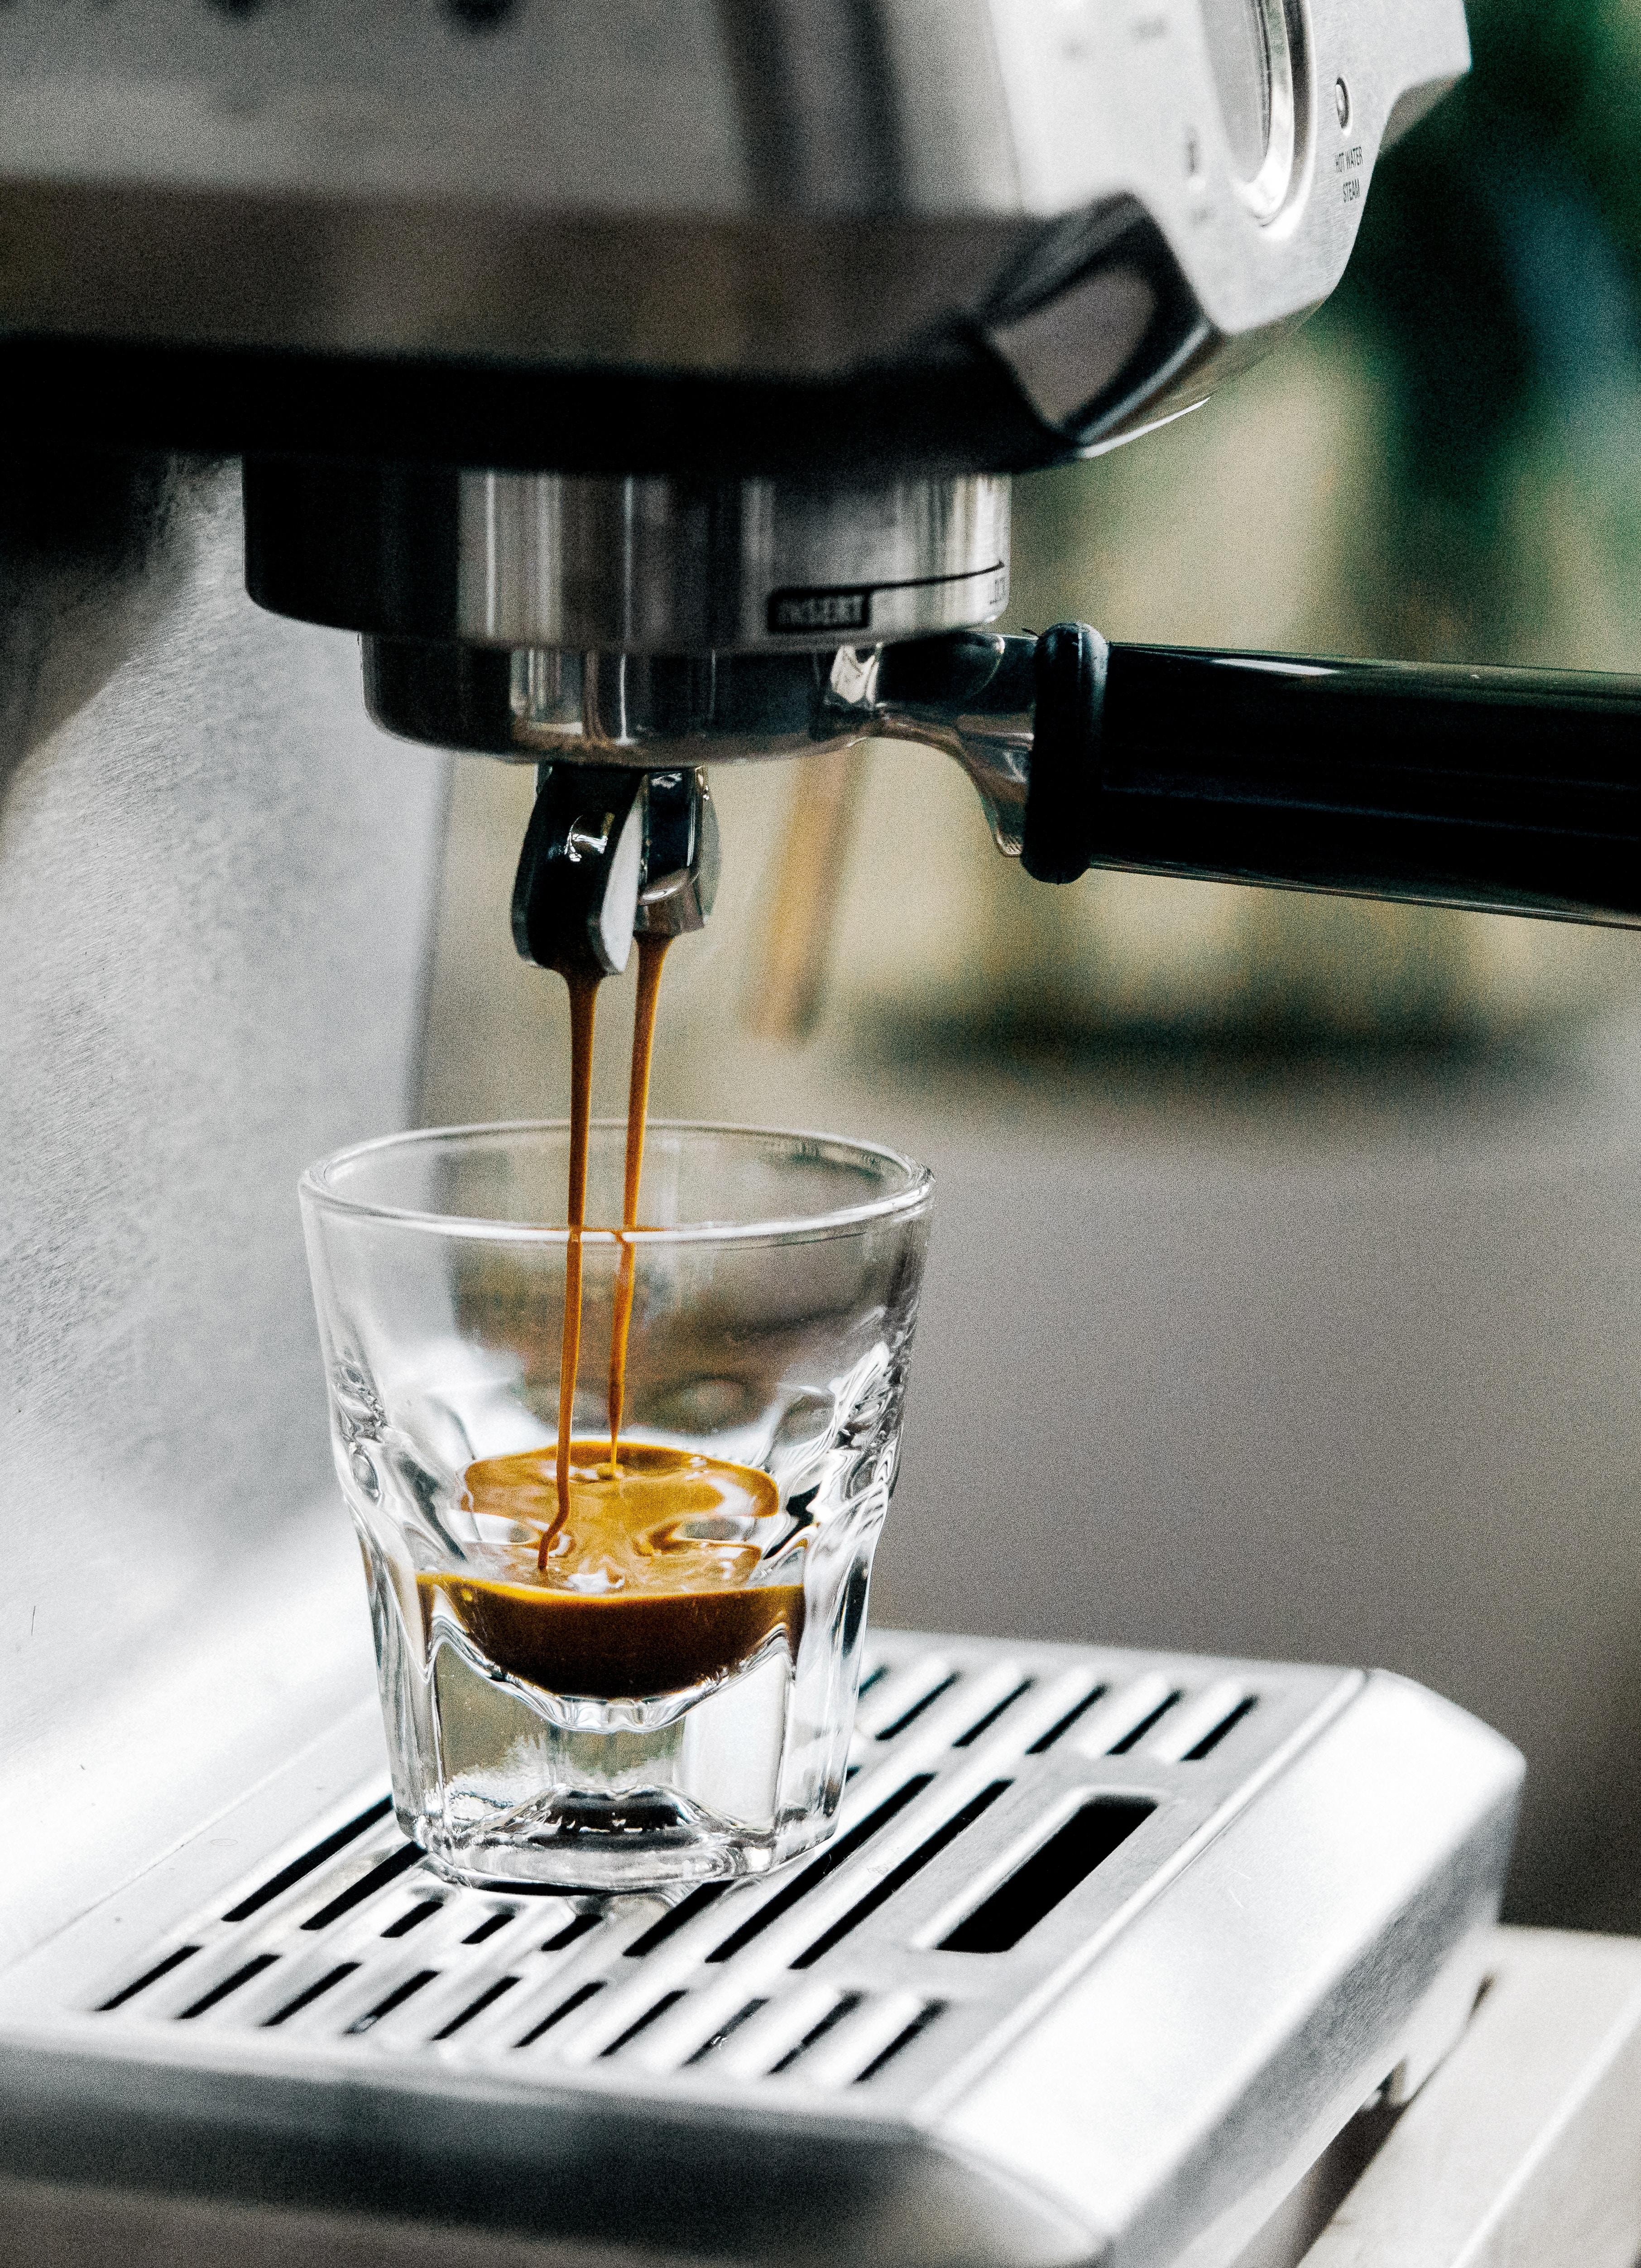 Beliebtheit der Kaffeemaschine in Deutschland